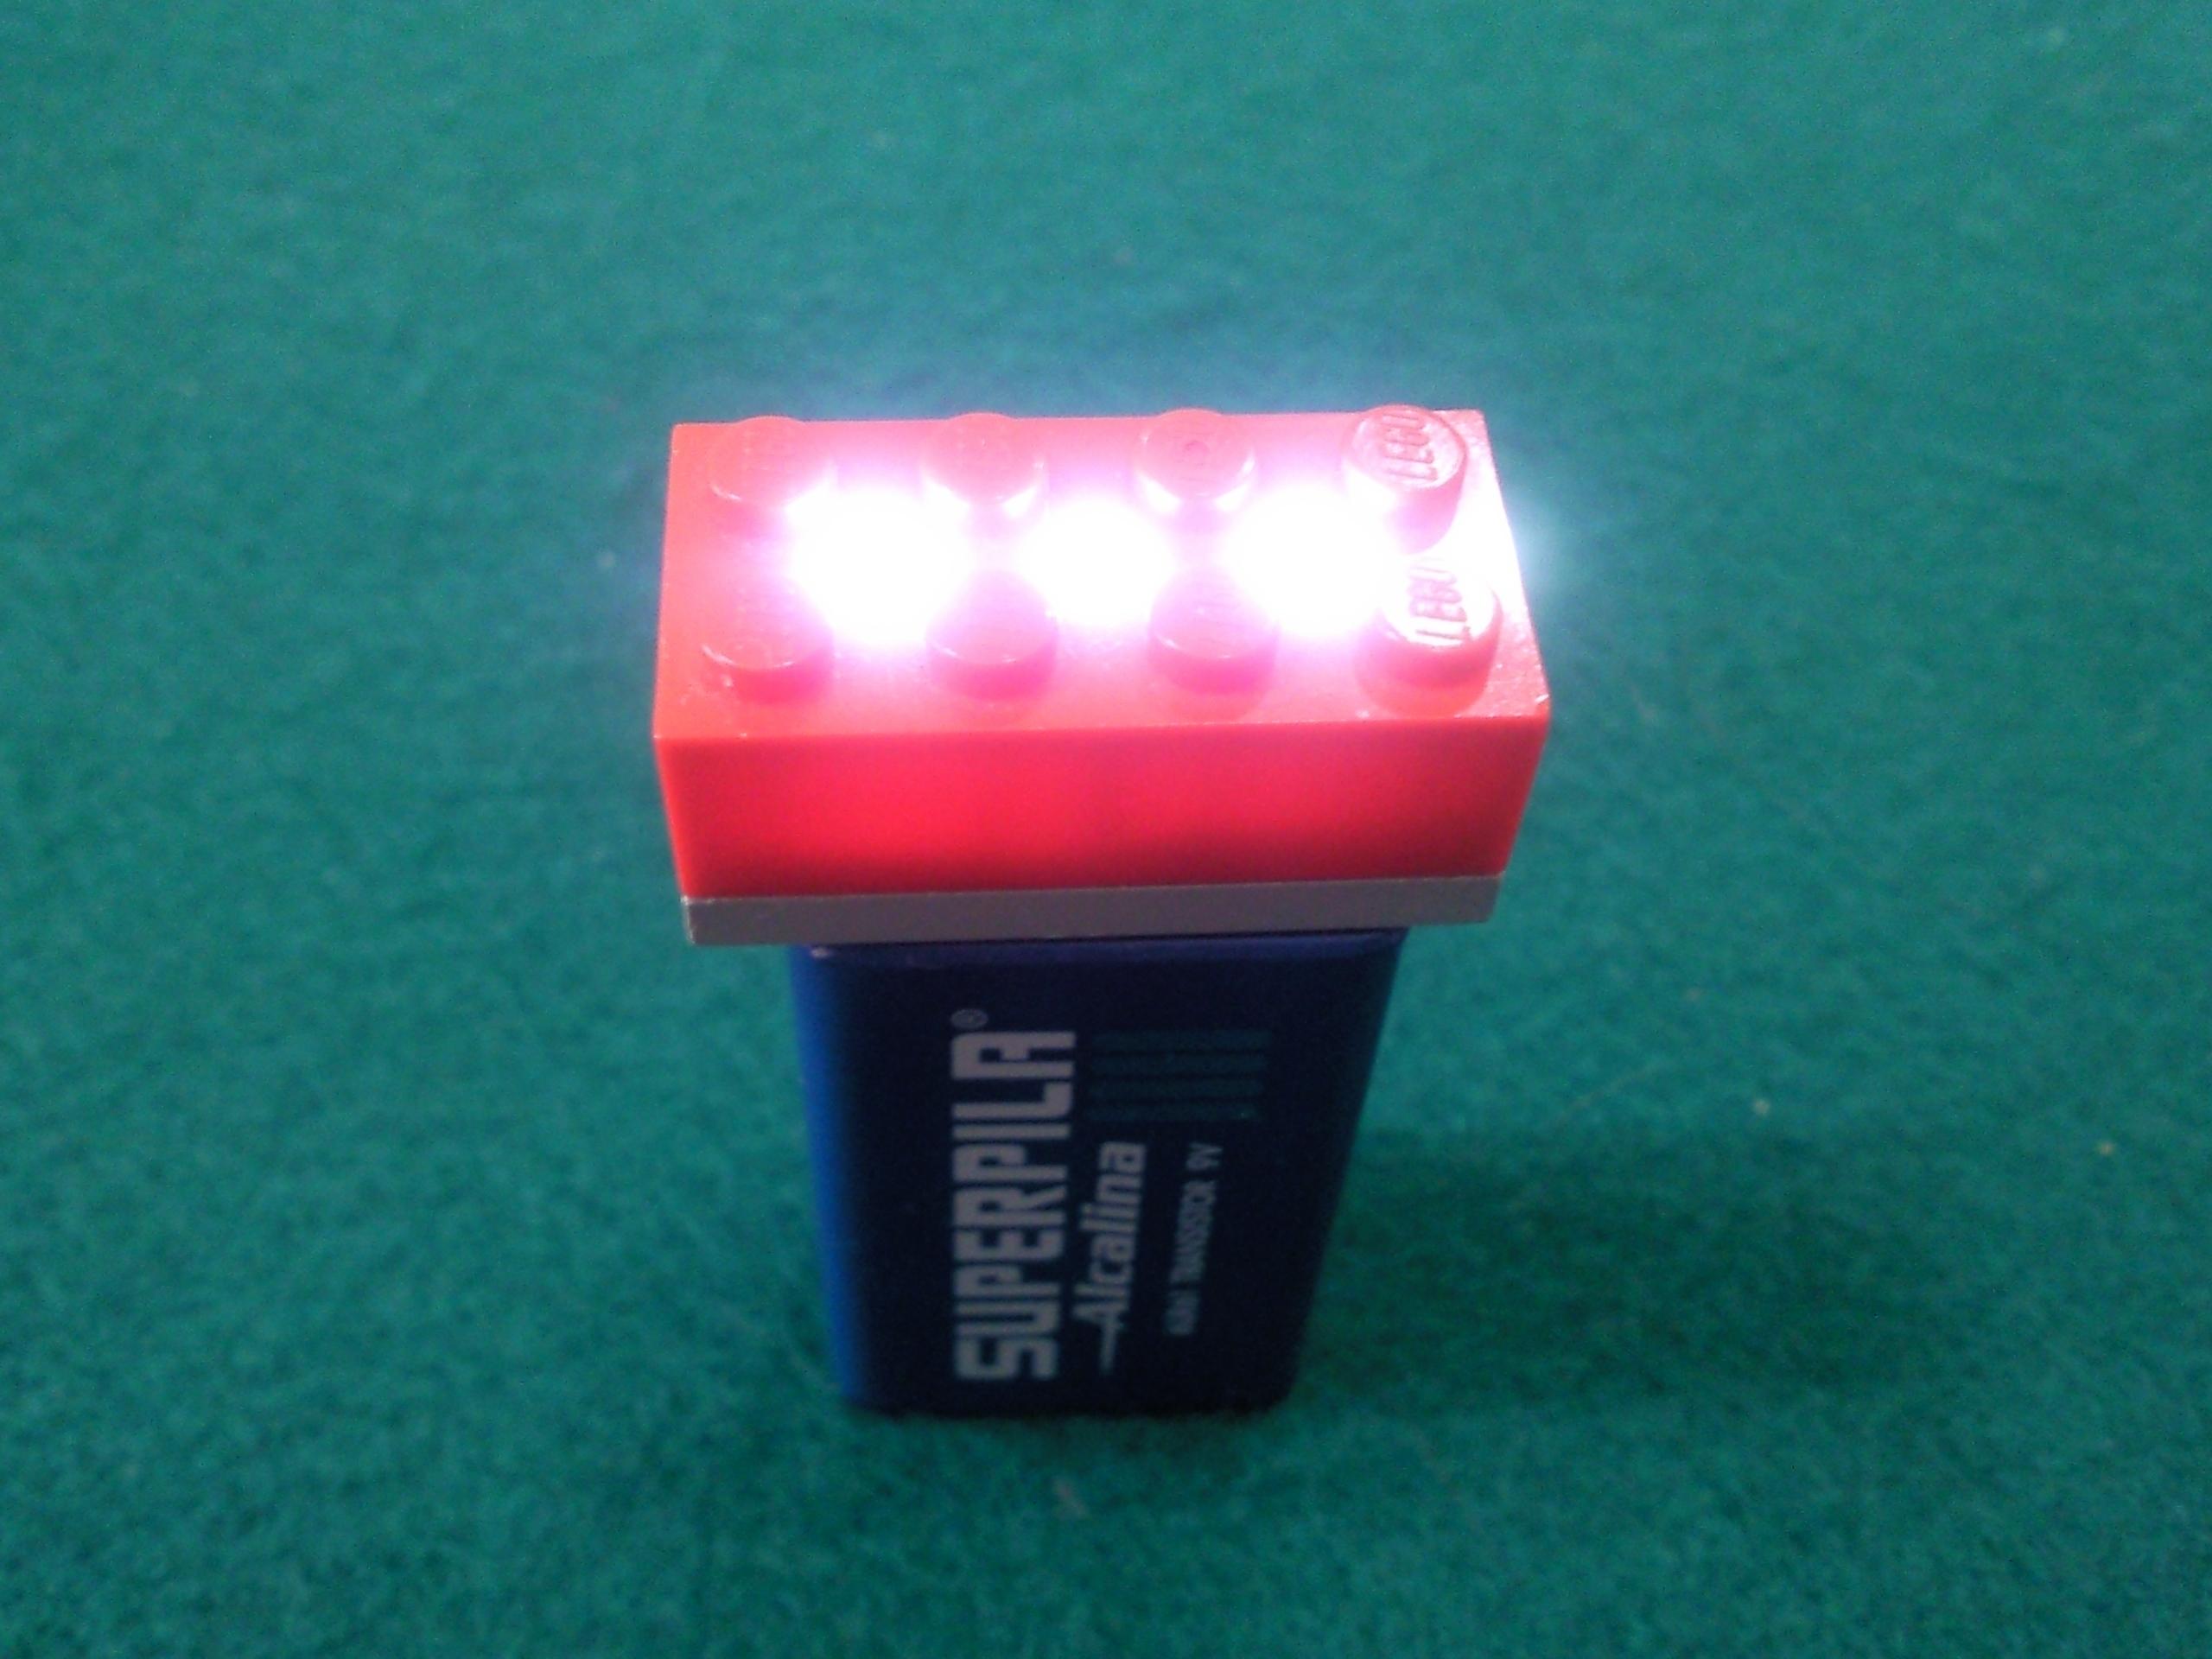 The Most Basic LEGO 9V Flashlight.